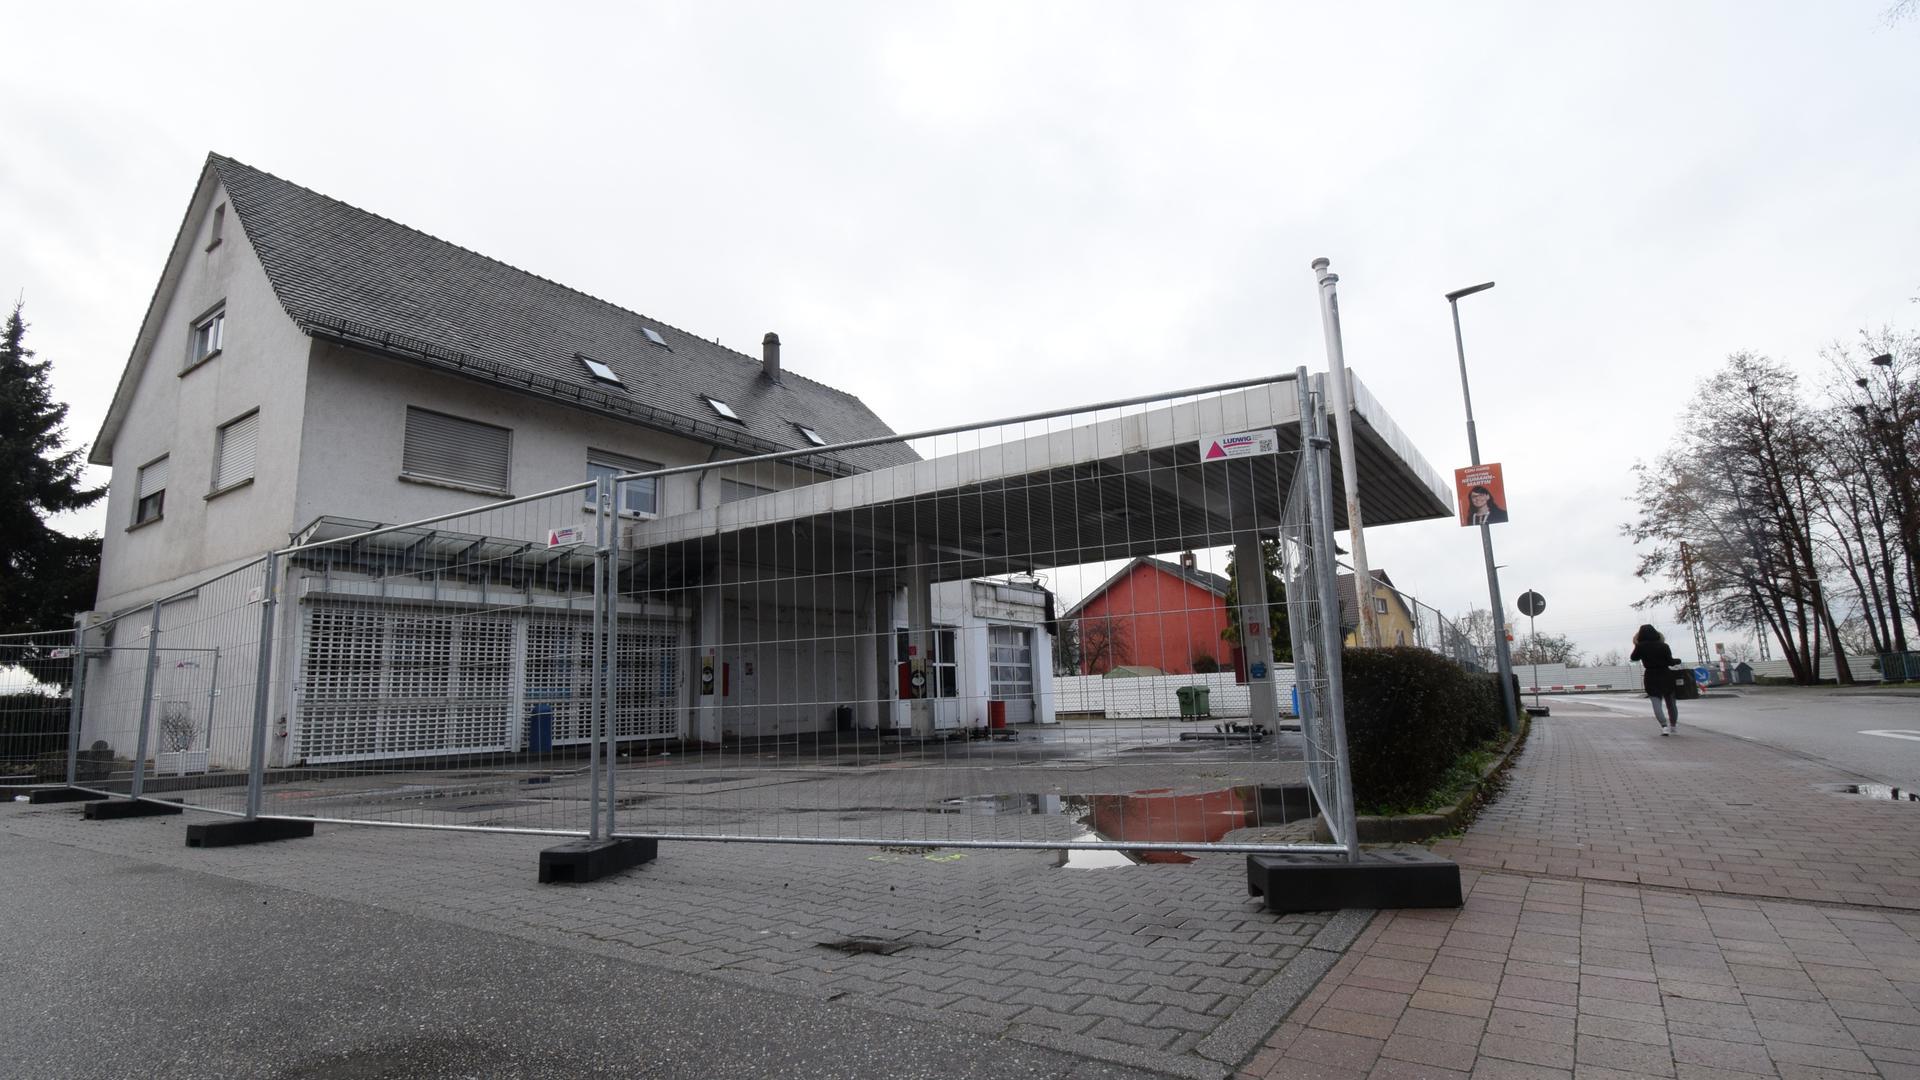 Wird abgerissen: die ehemalige Aral-Tankstelle in der Sézanner Straße in Malsch.